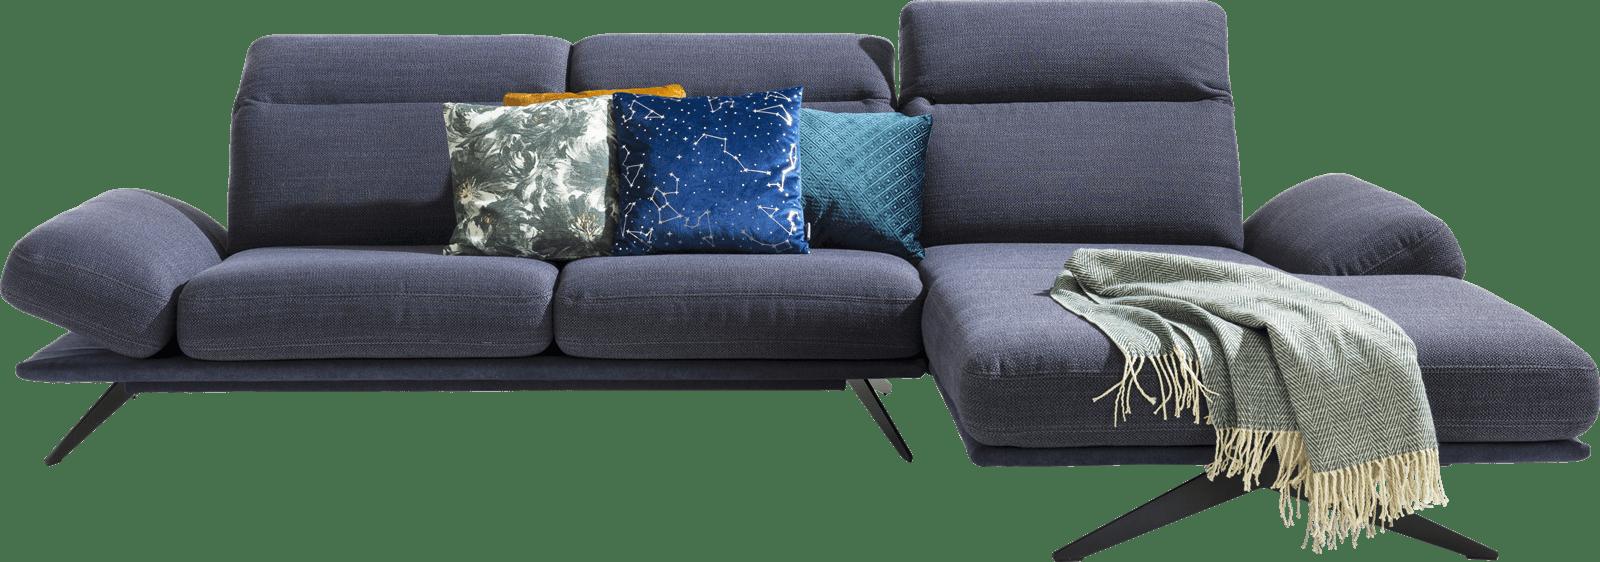 XOOON - Paxos - Design minimaliste - 2.5-places accoudoir gauche